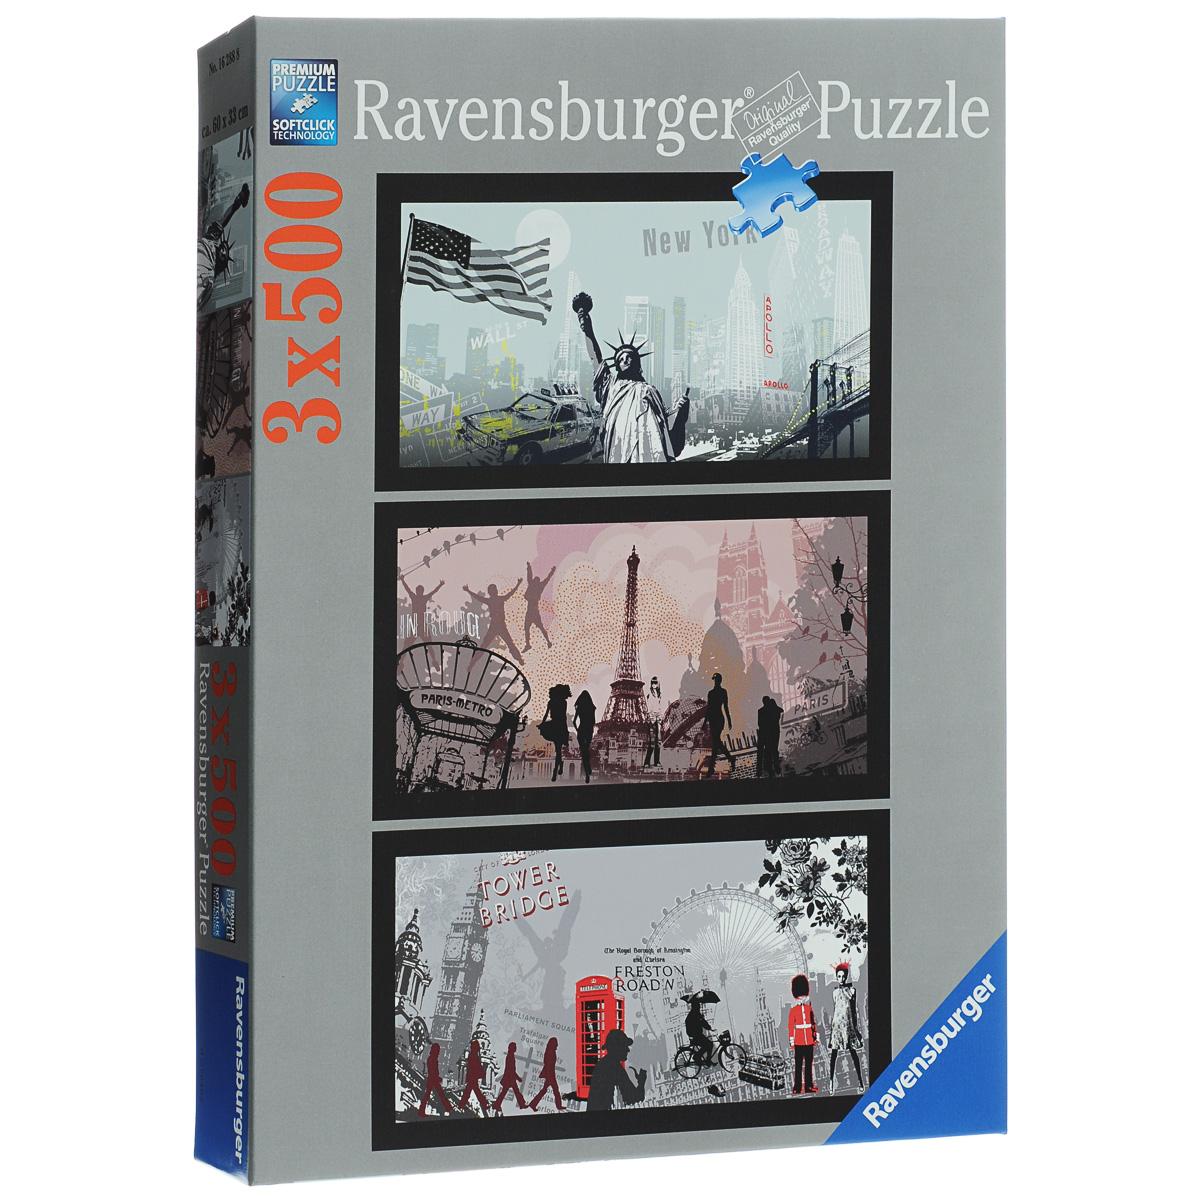 Ravensburger Городской стиль. Пазл, 3 х 500 элементов